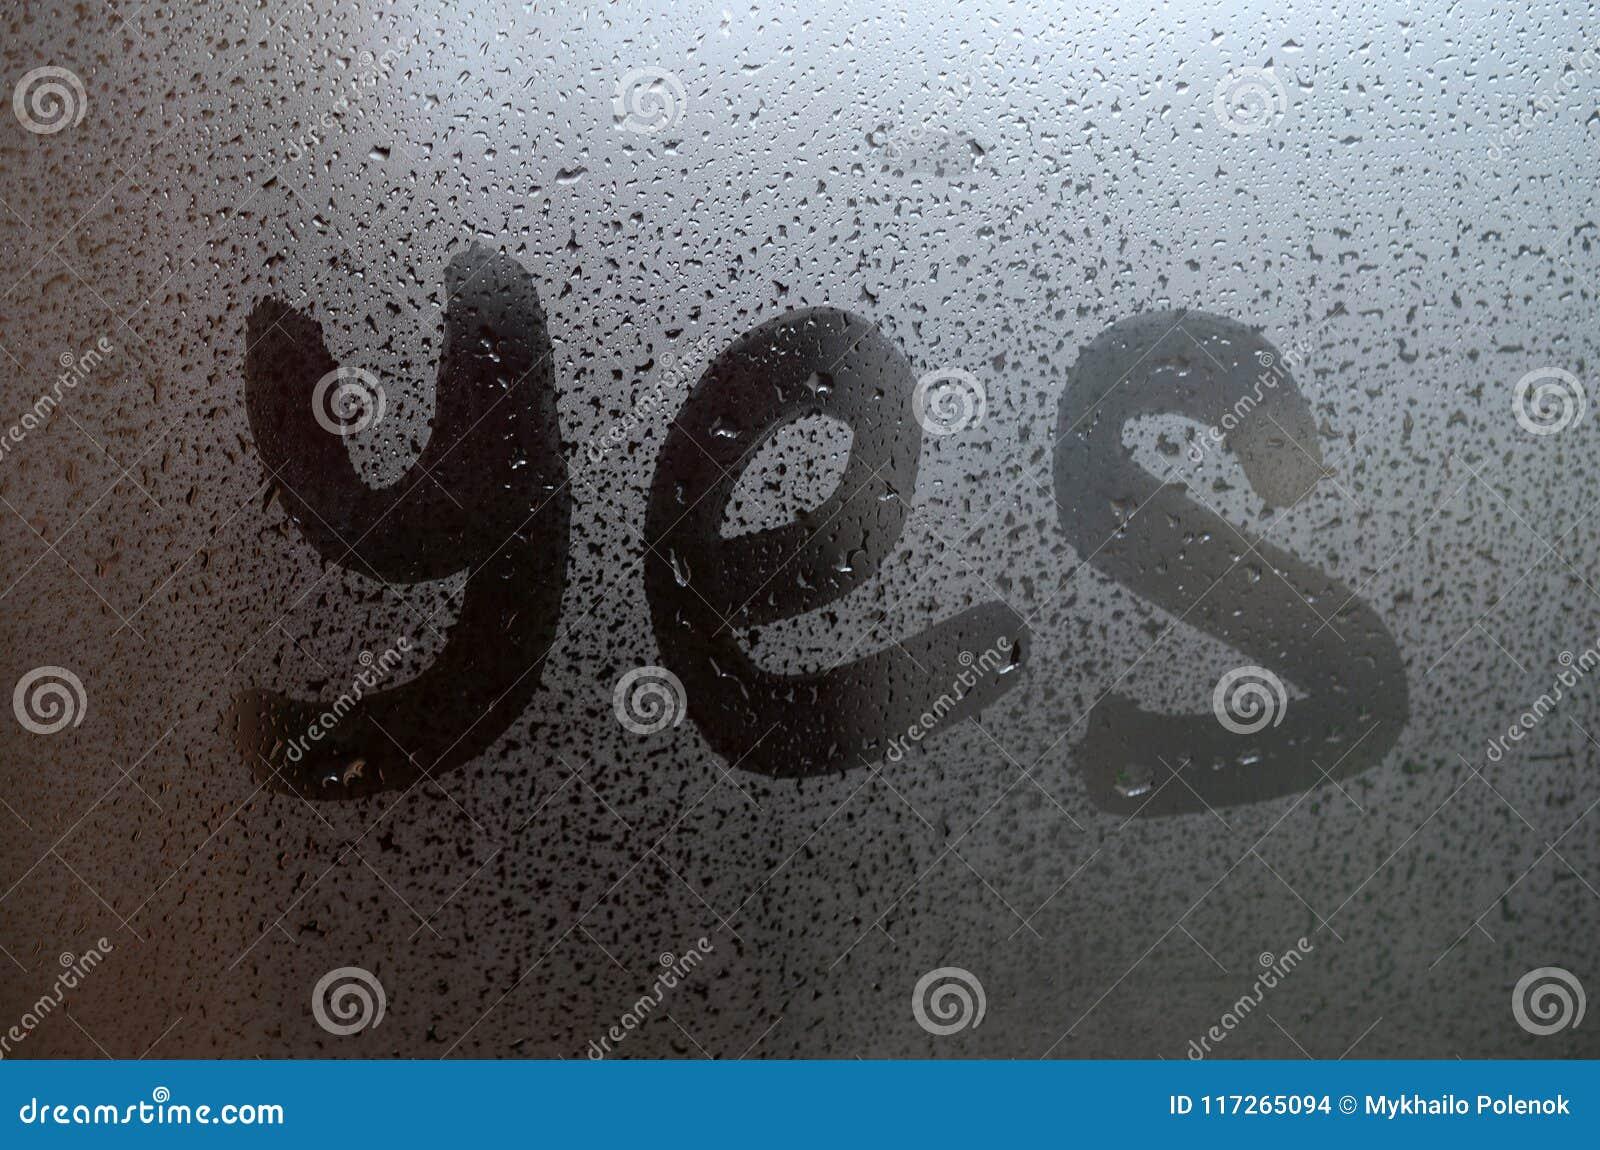 La parola inglese sì è scritta con un dito sulla superficie del vetro appannato